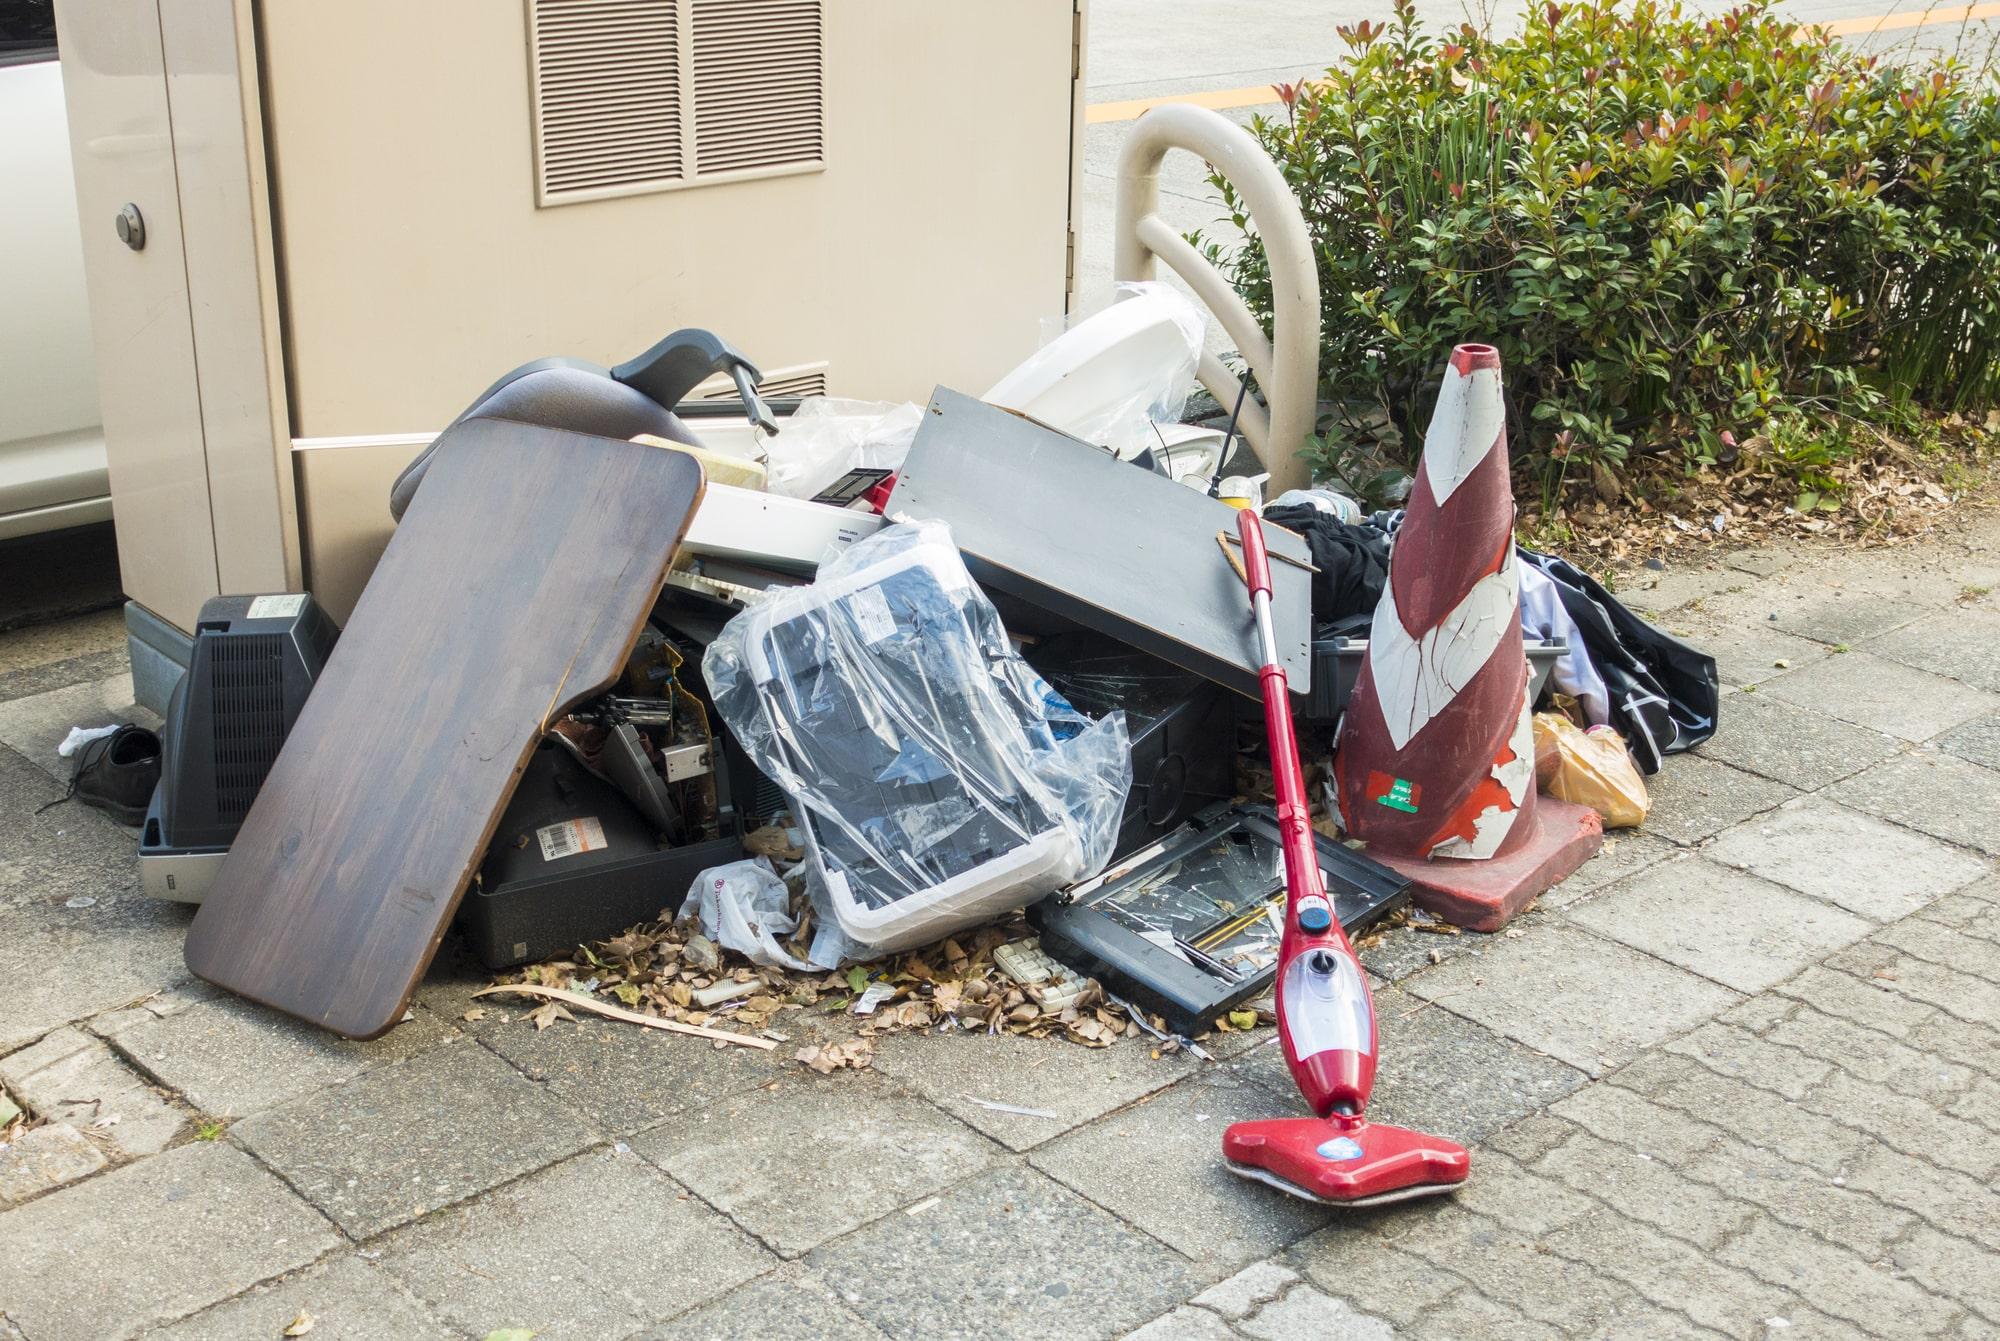 マンションの粗大ゴミの放置問題 | オーナーはどう対処すべき?